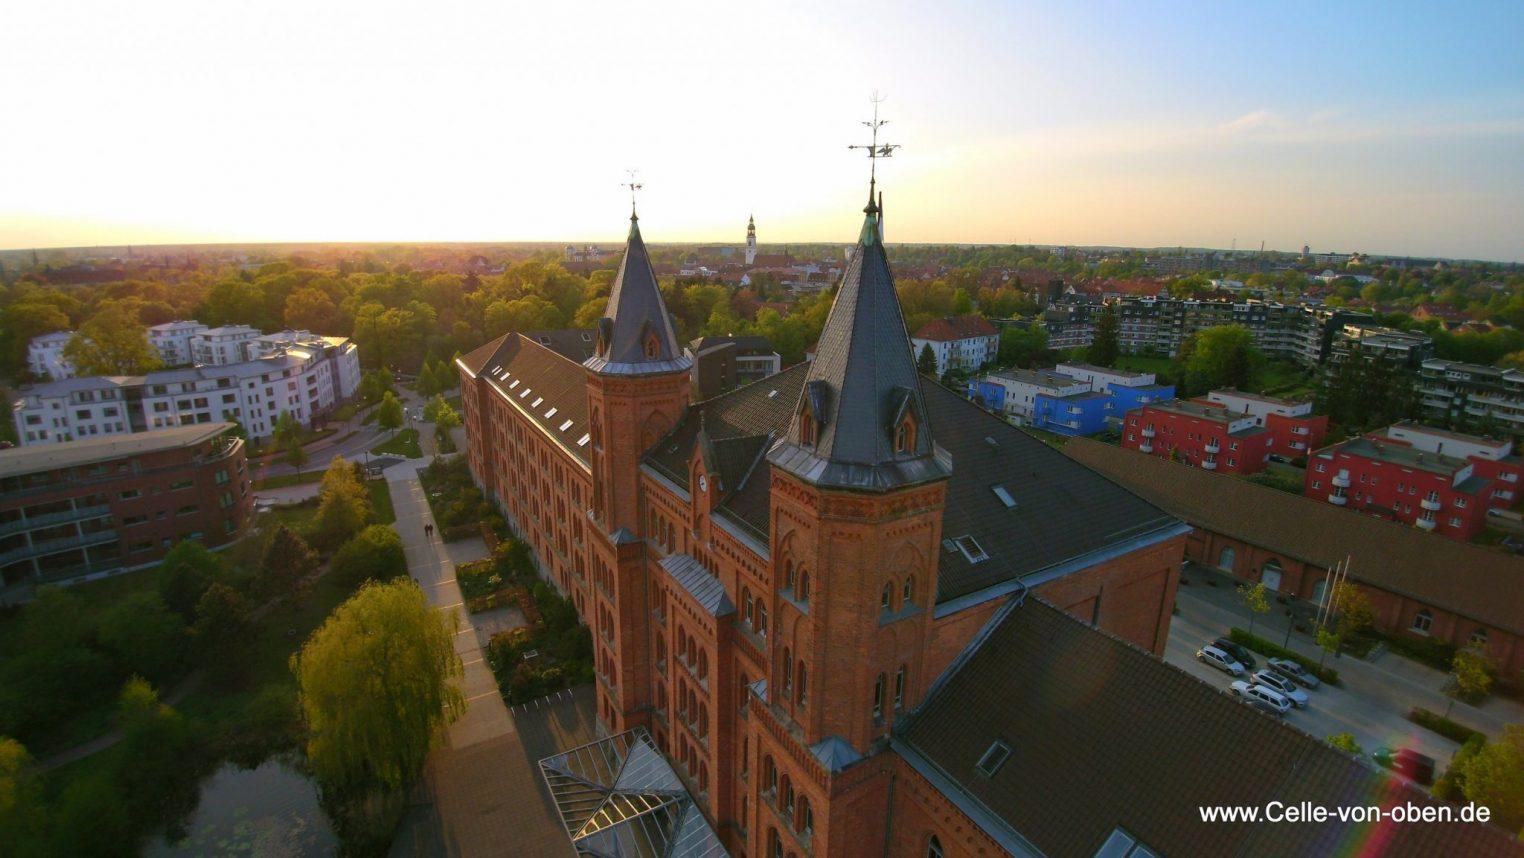 Neues Rathaus Celle